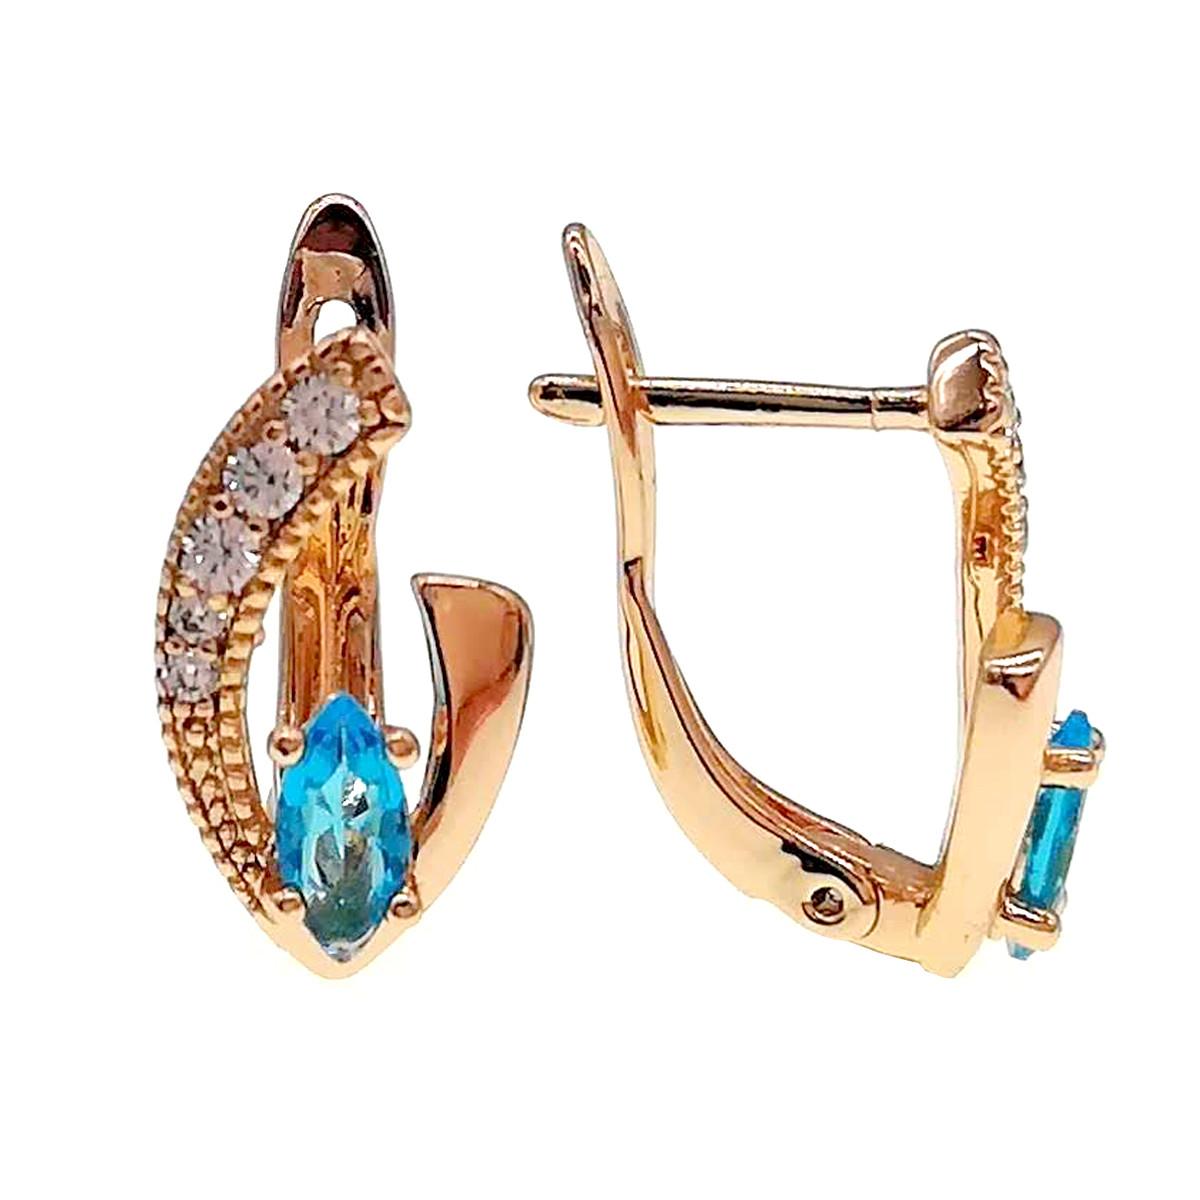 Серьги Xuping из медицинского золота, голубые и белые фианиты, позолота 18К, 24224       (1)